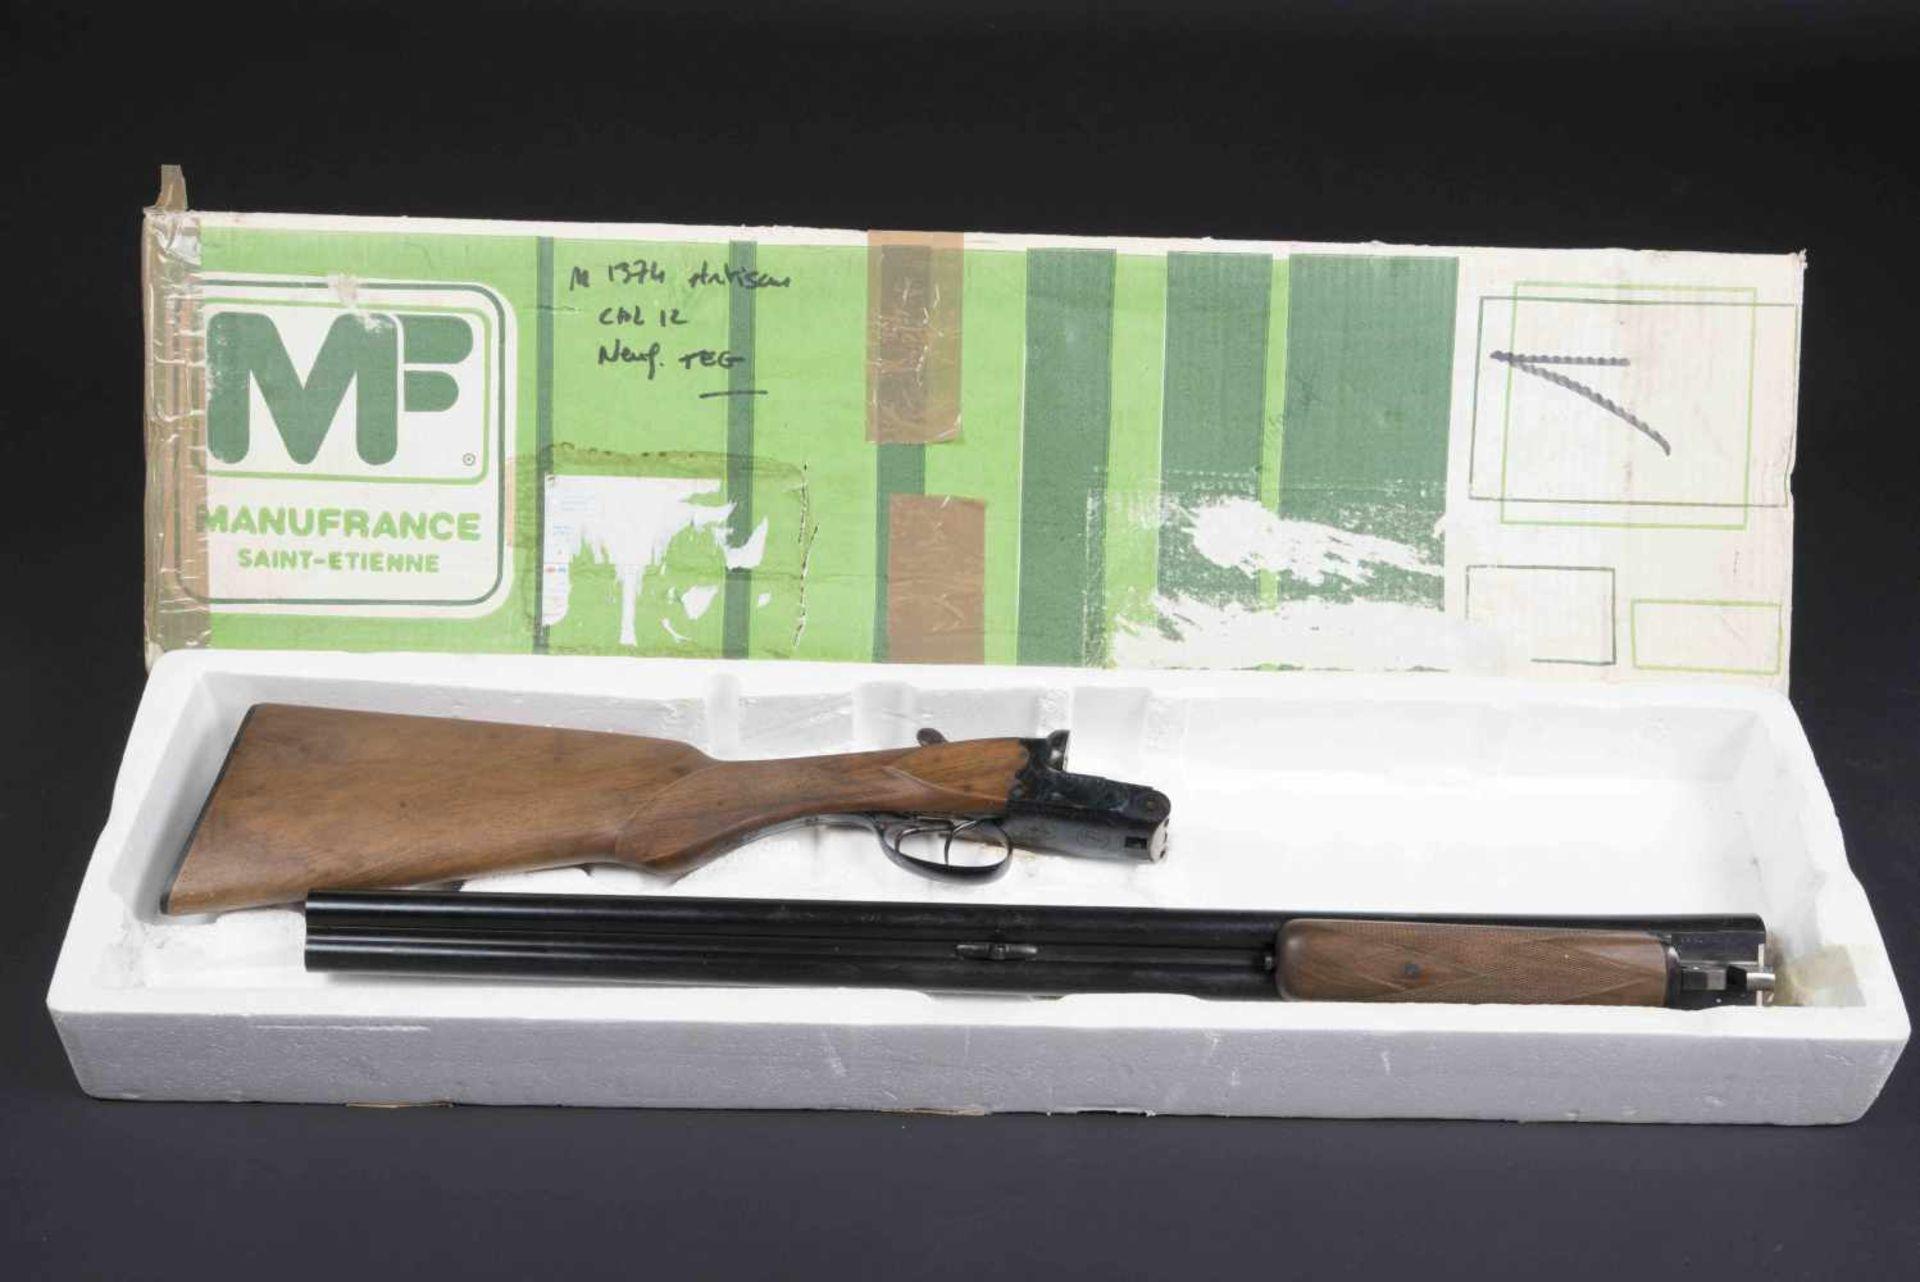 Fusil juxtaposé modèle artisanal Catégorie C Calibre 12, numéro M1374, certificat du Banc d'